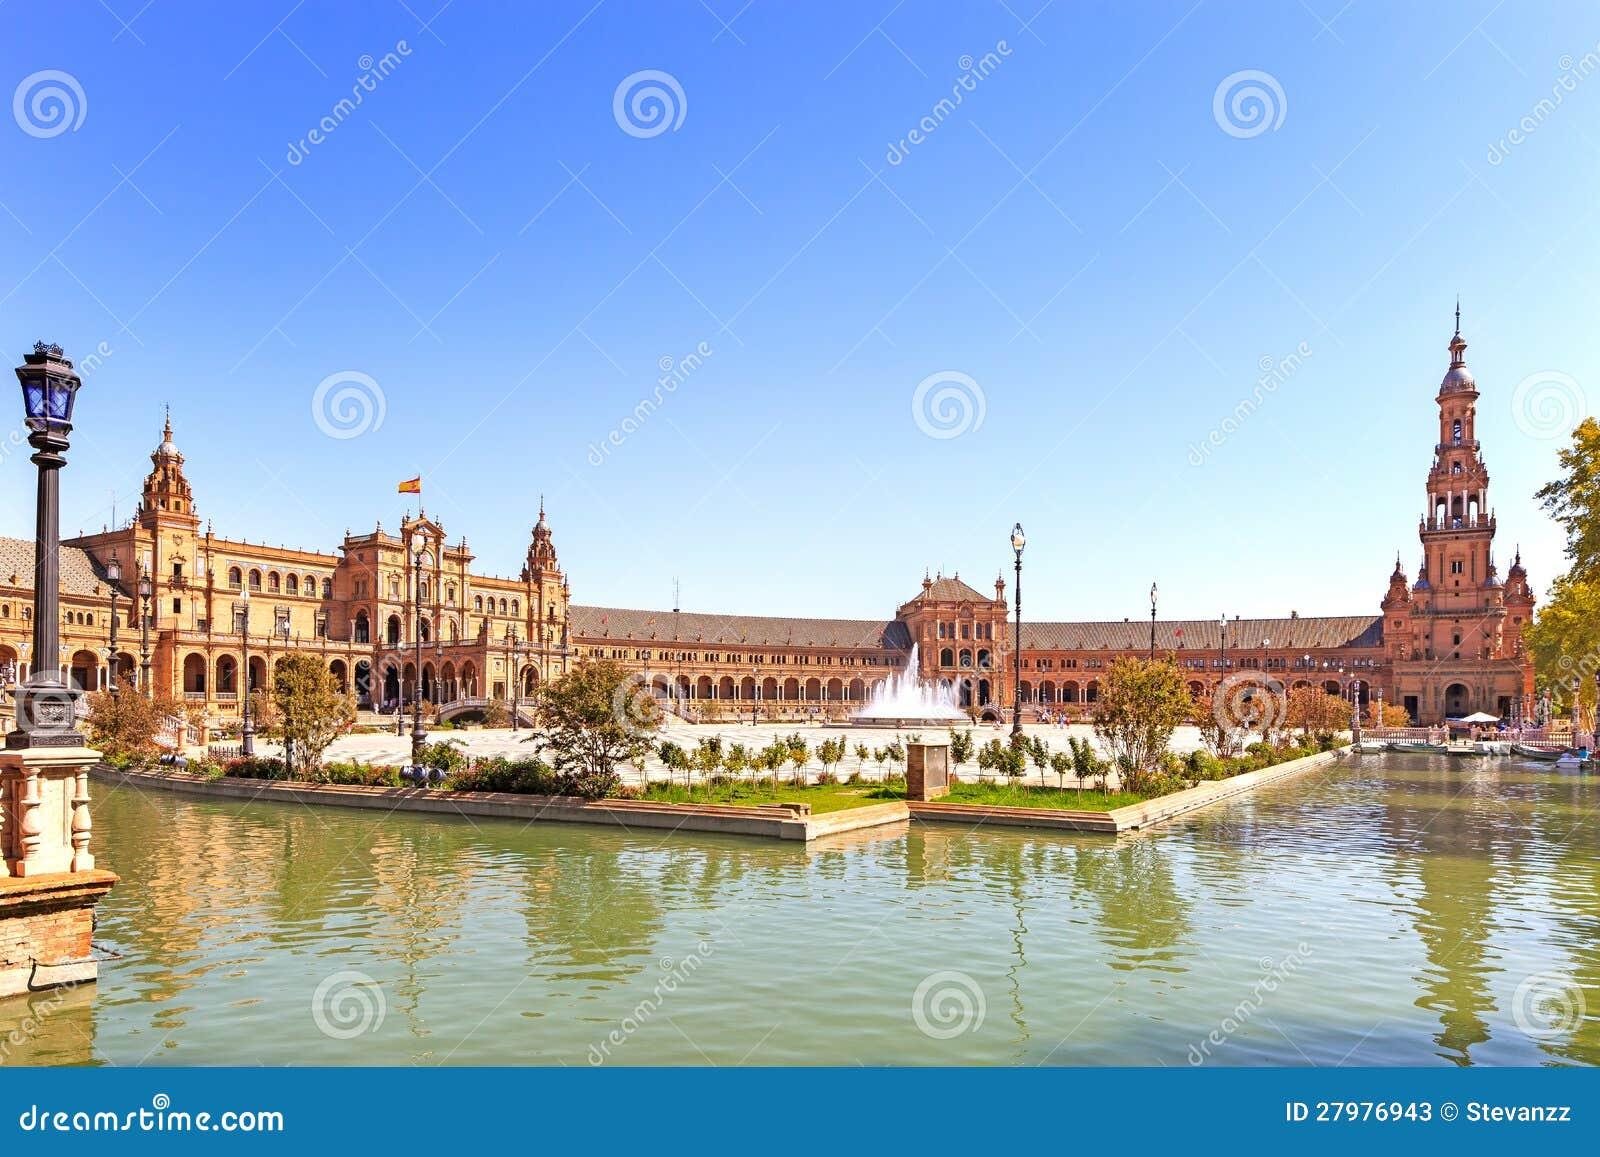 Plaza de espana Seville, Andalusia, Spanien, Europa